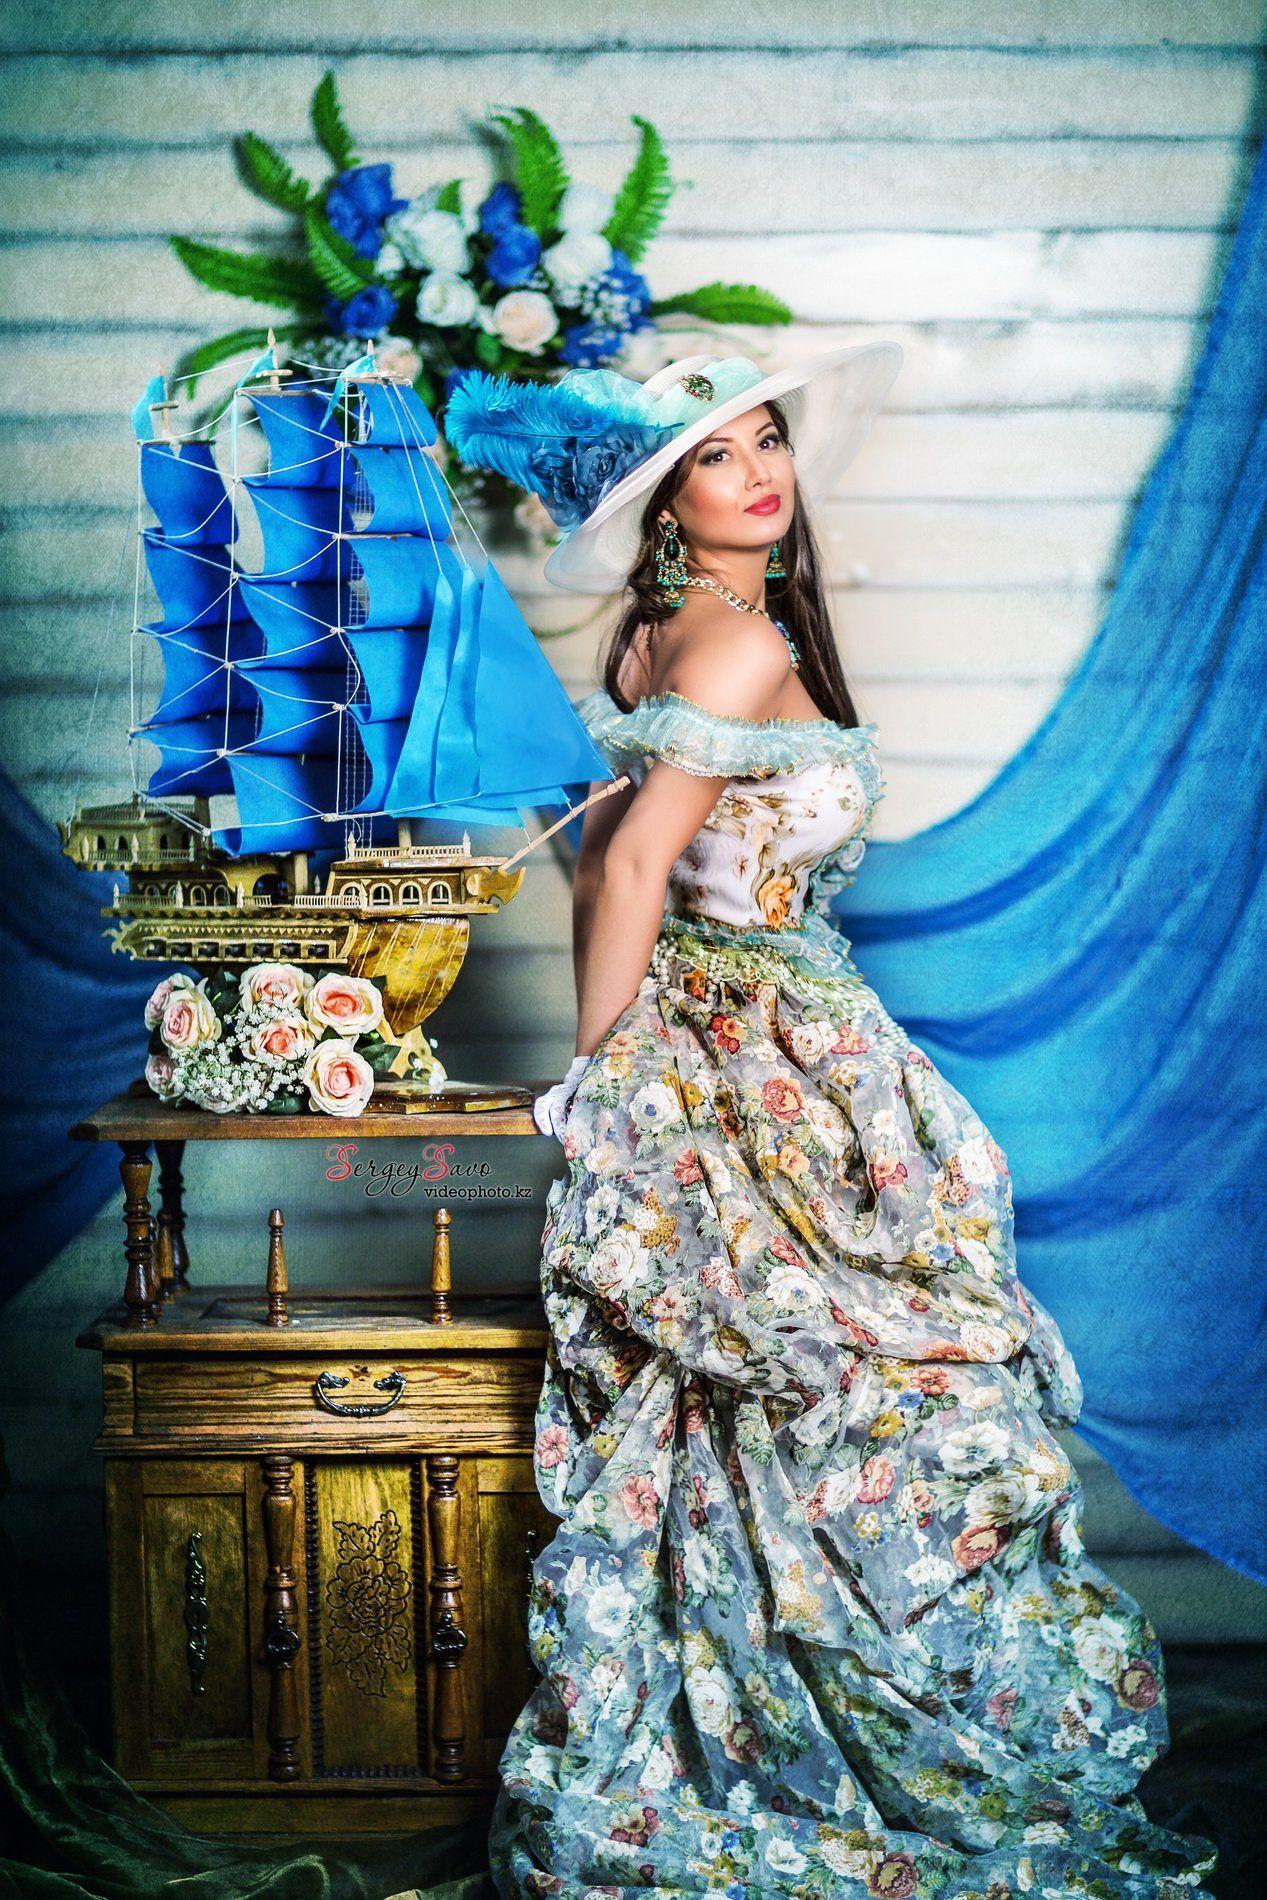 фотопроект, тематическая фотосессия, яхта, парусник, корабль, девушка, платье, SergeySavo